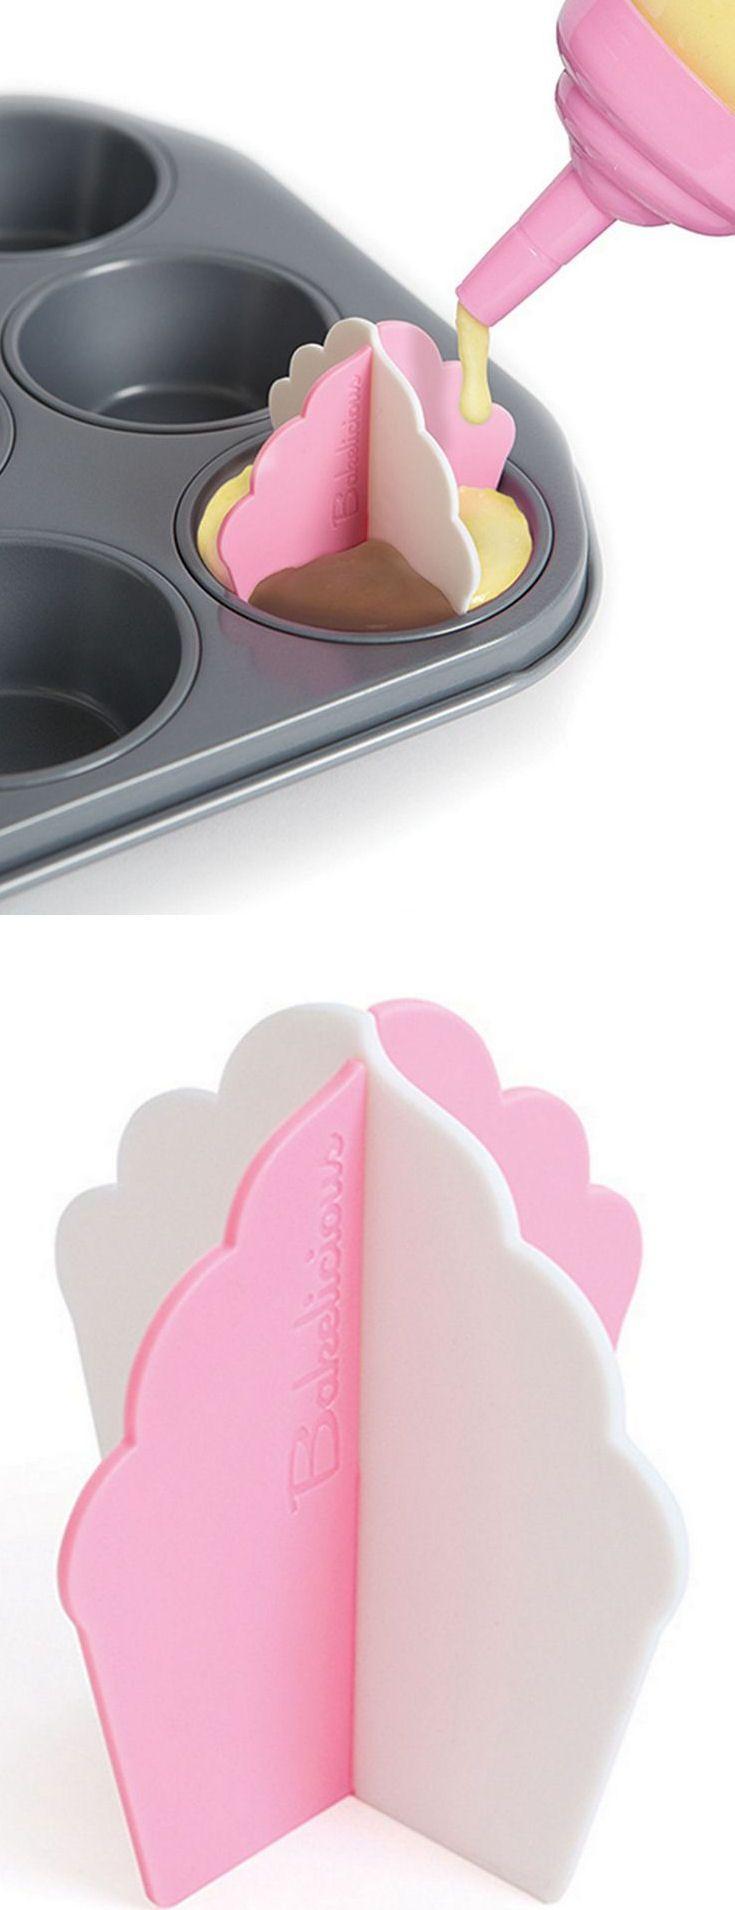 Cupcake Dividers | Make Amazing Multi-Flavor Cup Cakes #genius